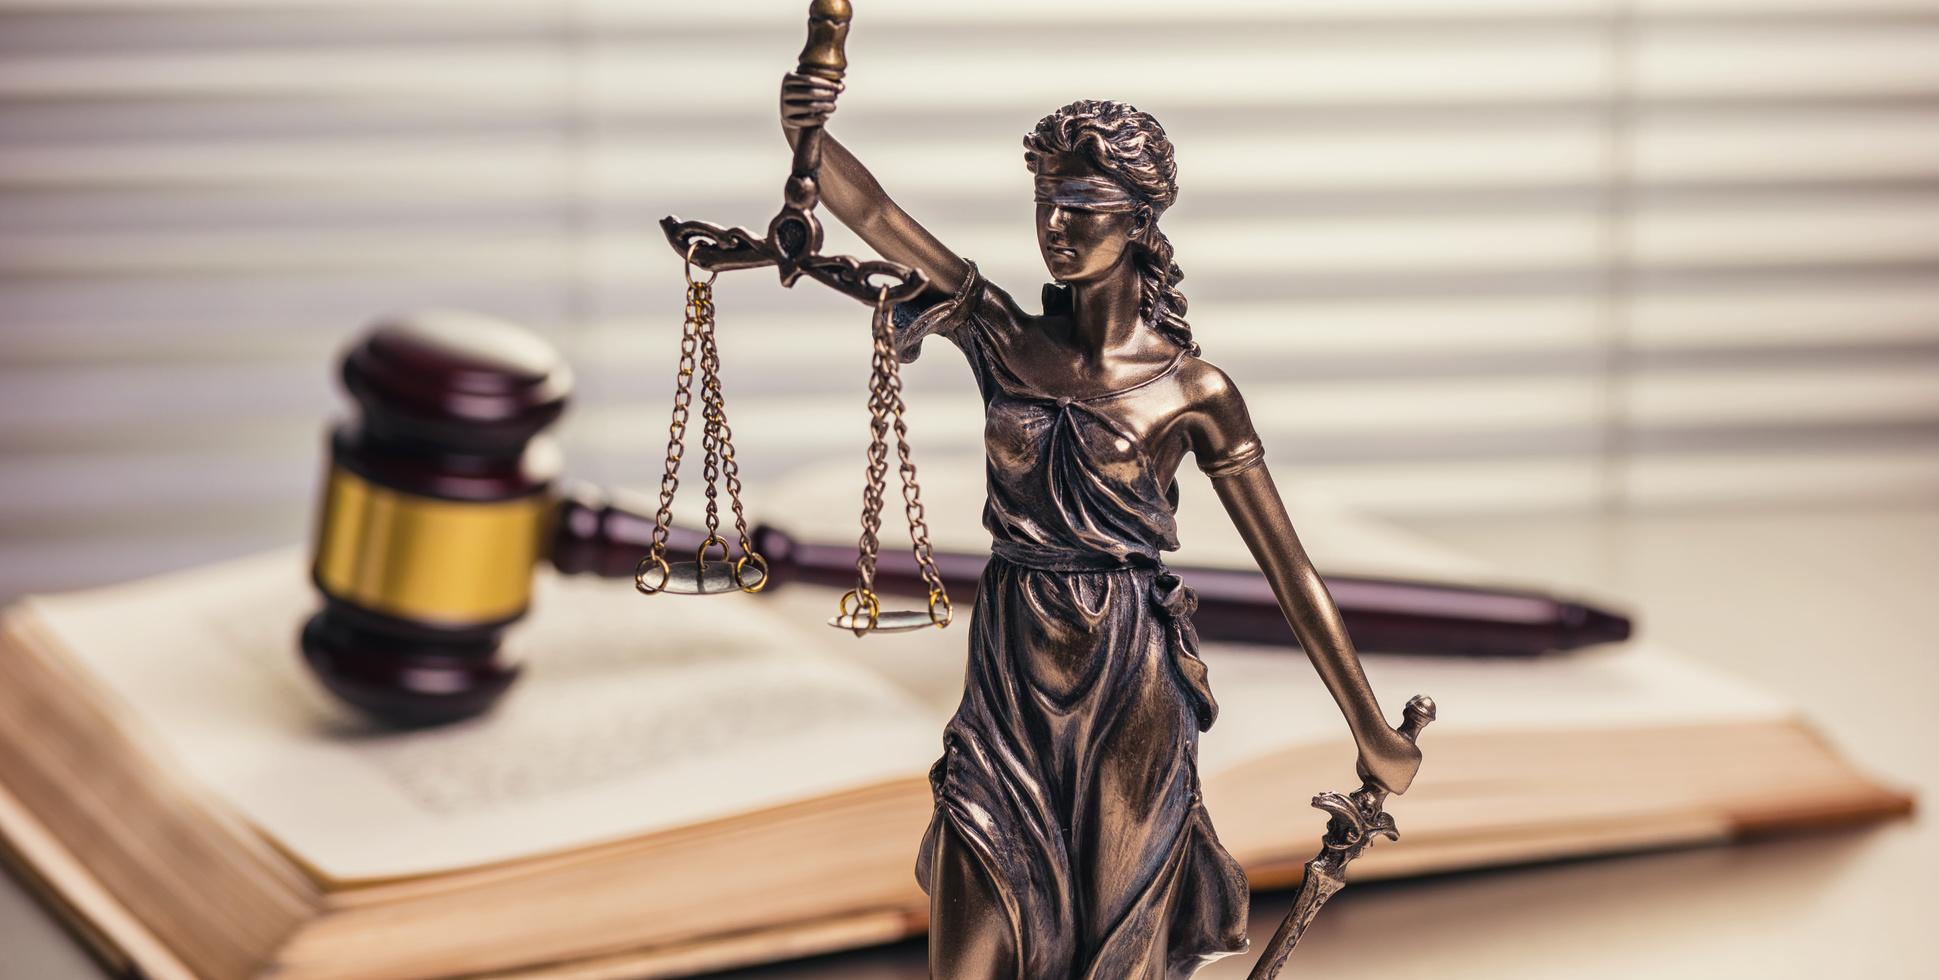 Rechtliches in Form einer Justicia Statue